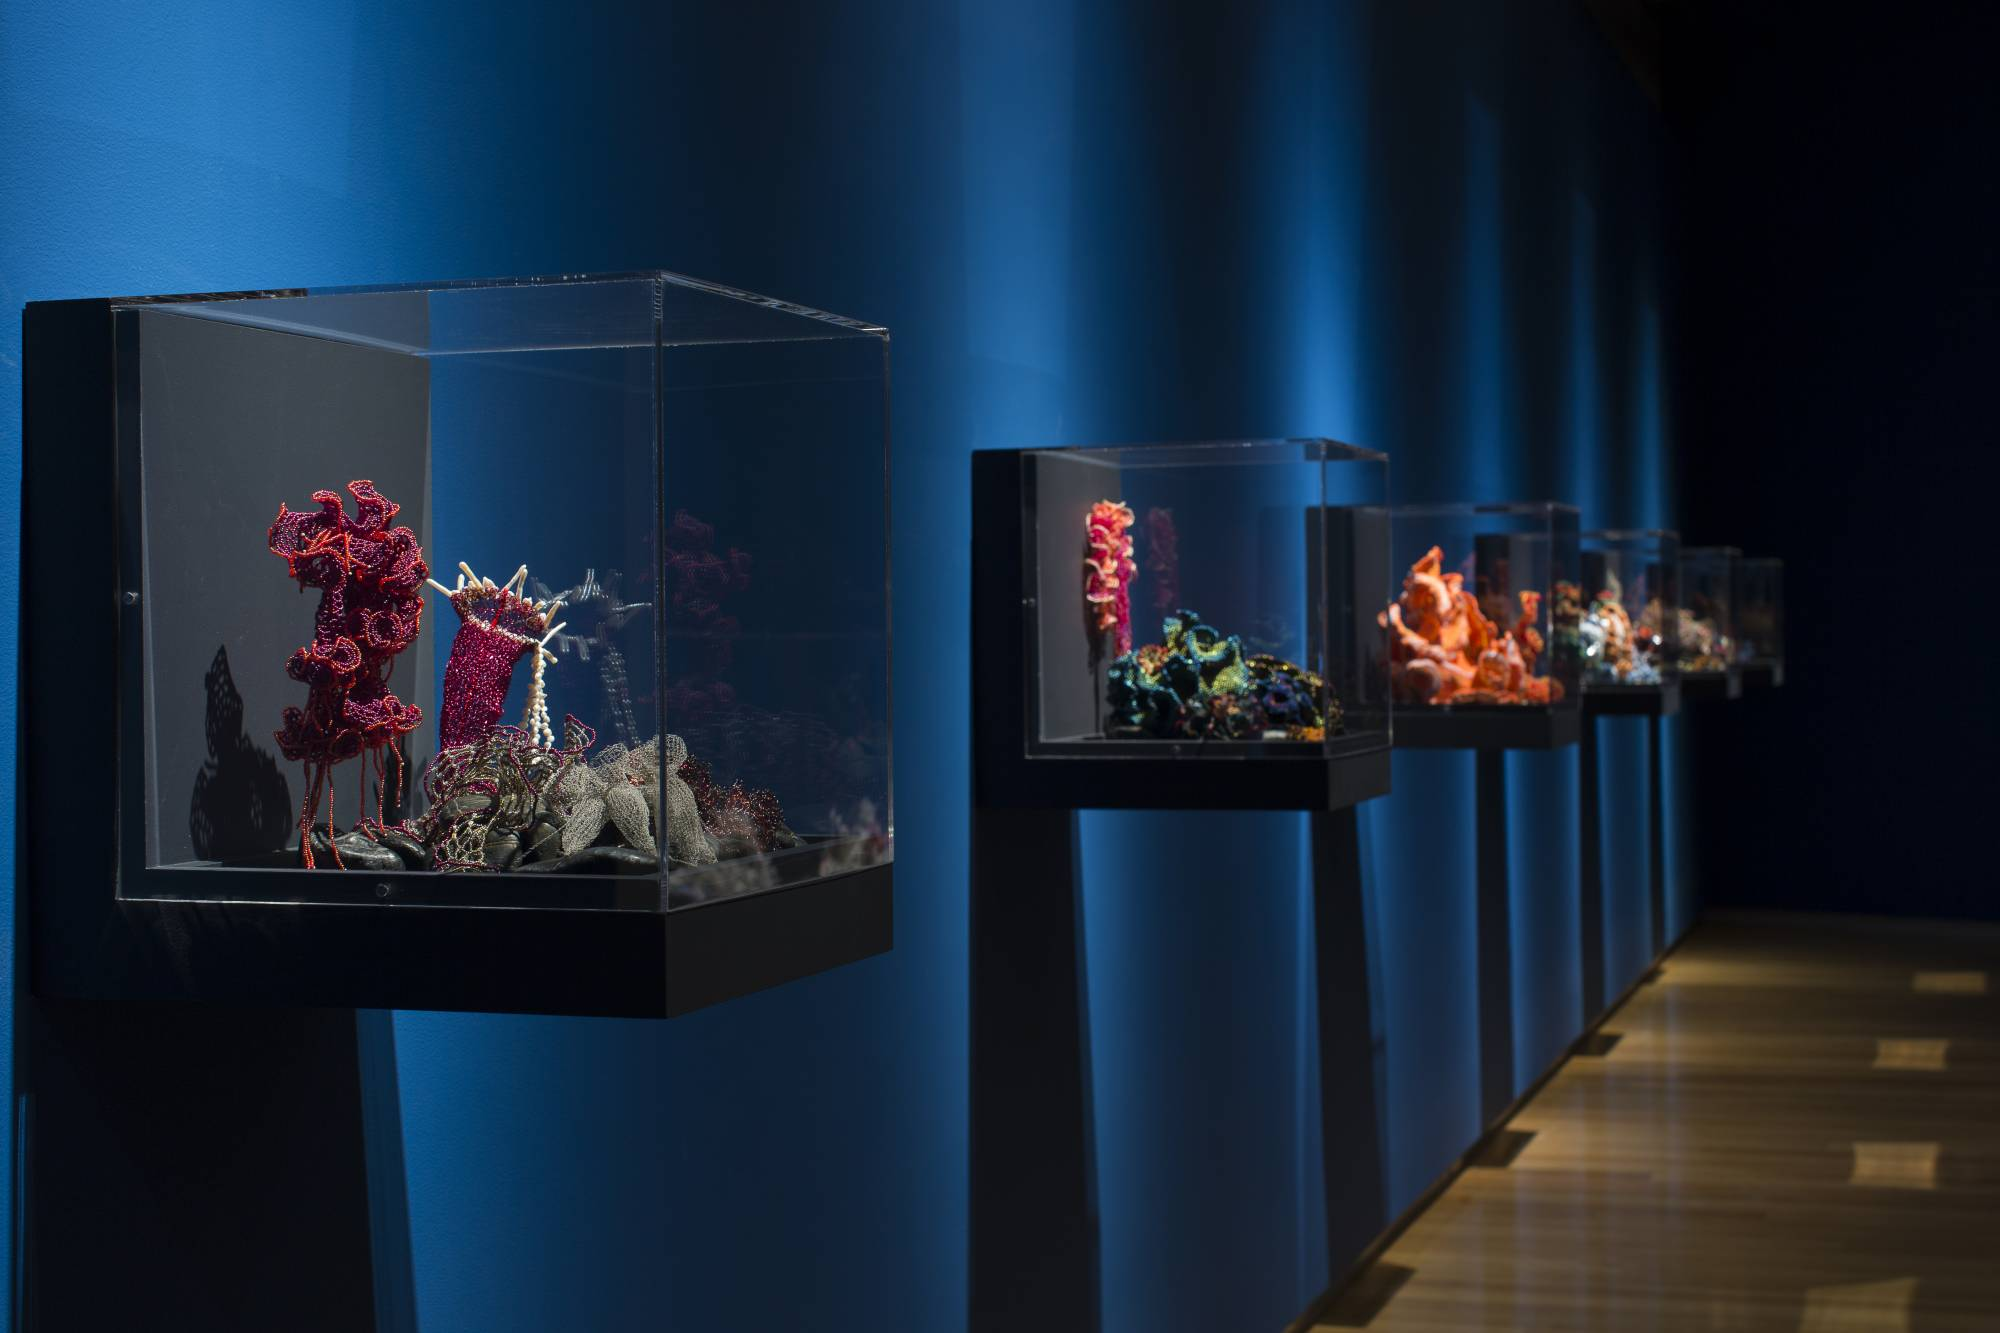 Reef sculptures in glass vitrines in gallery